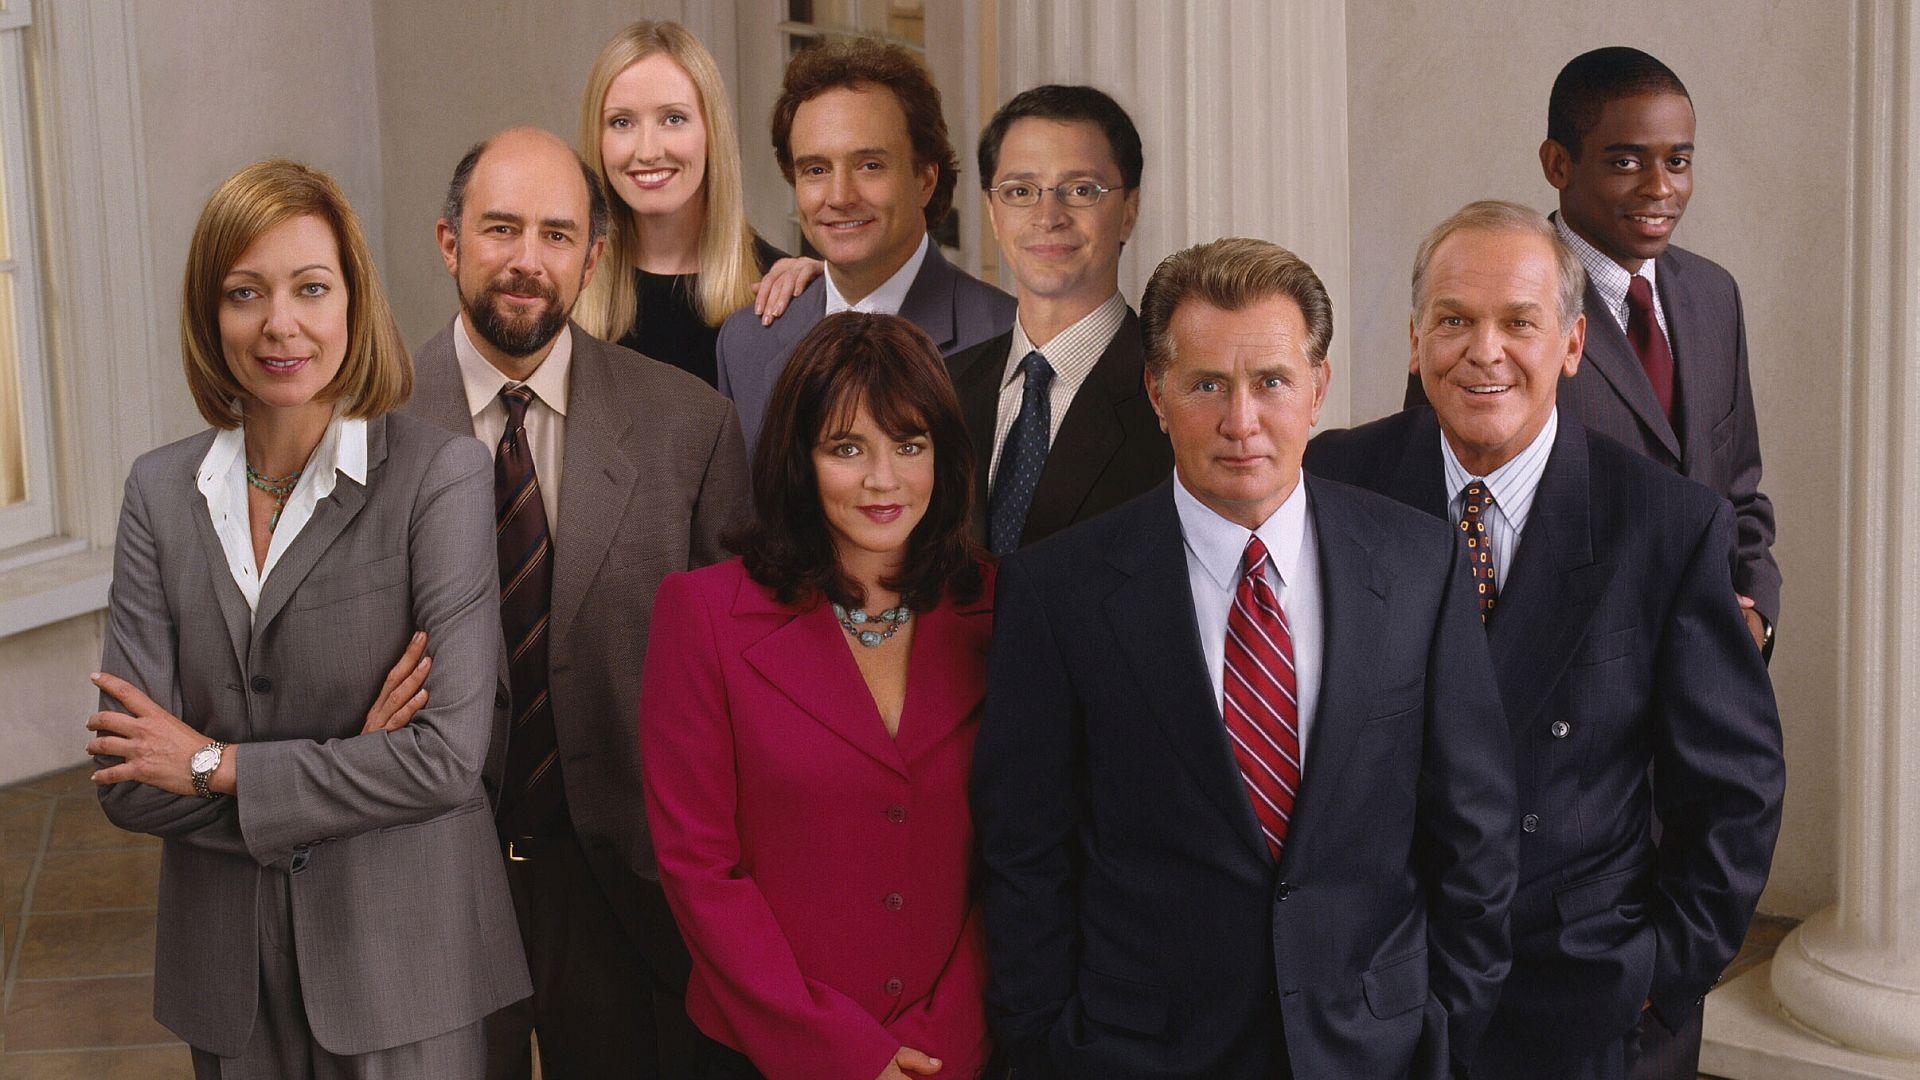 (Picture: NBC)